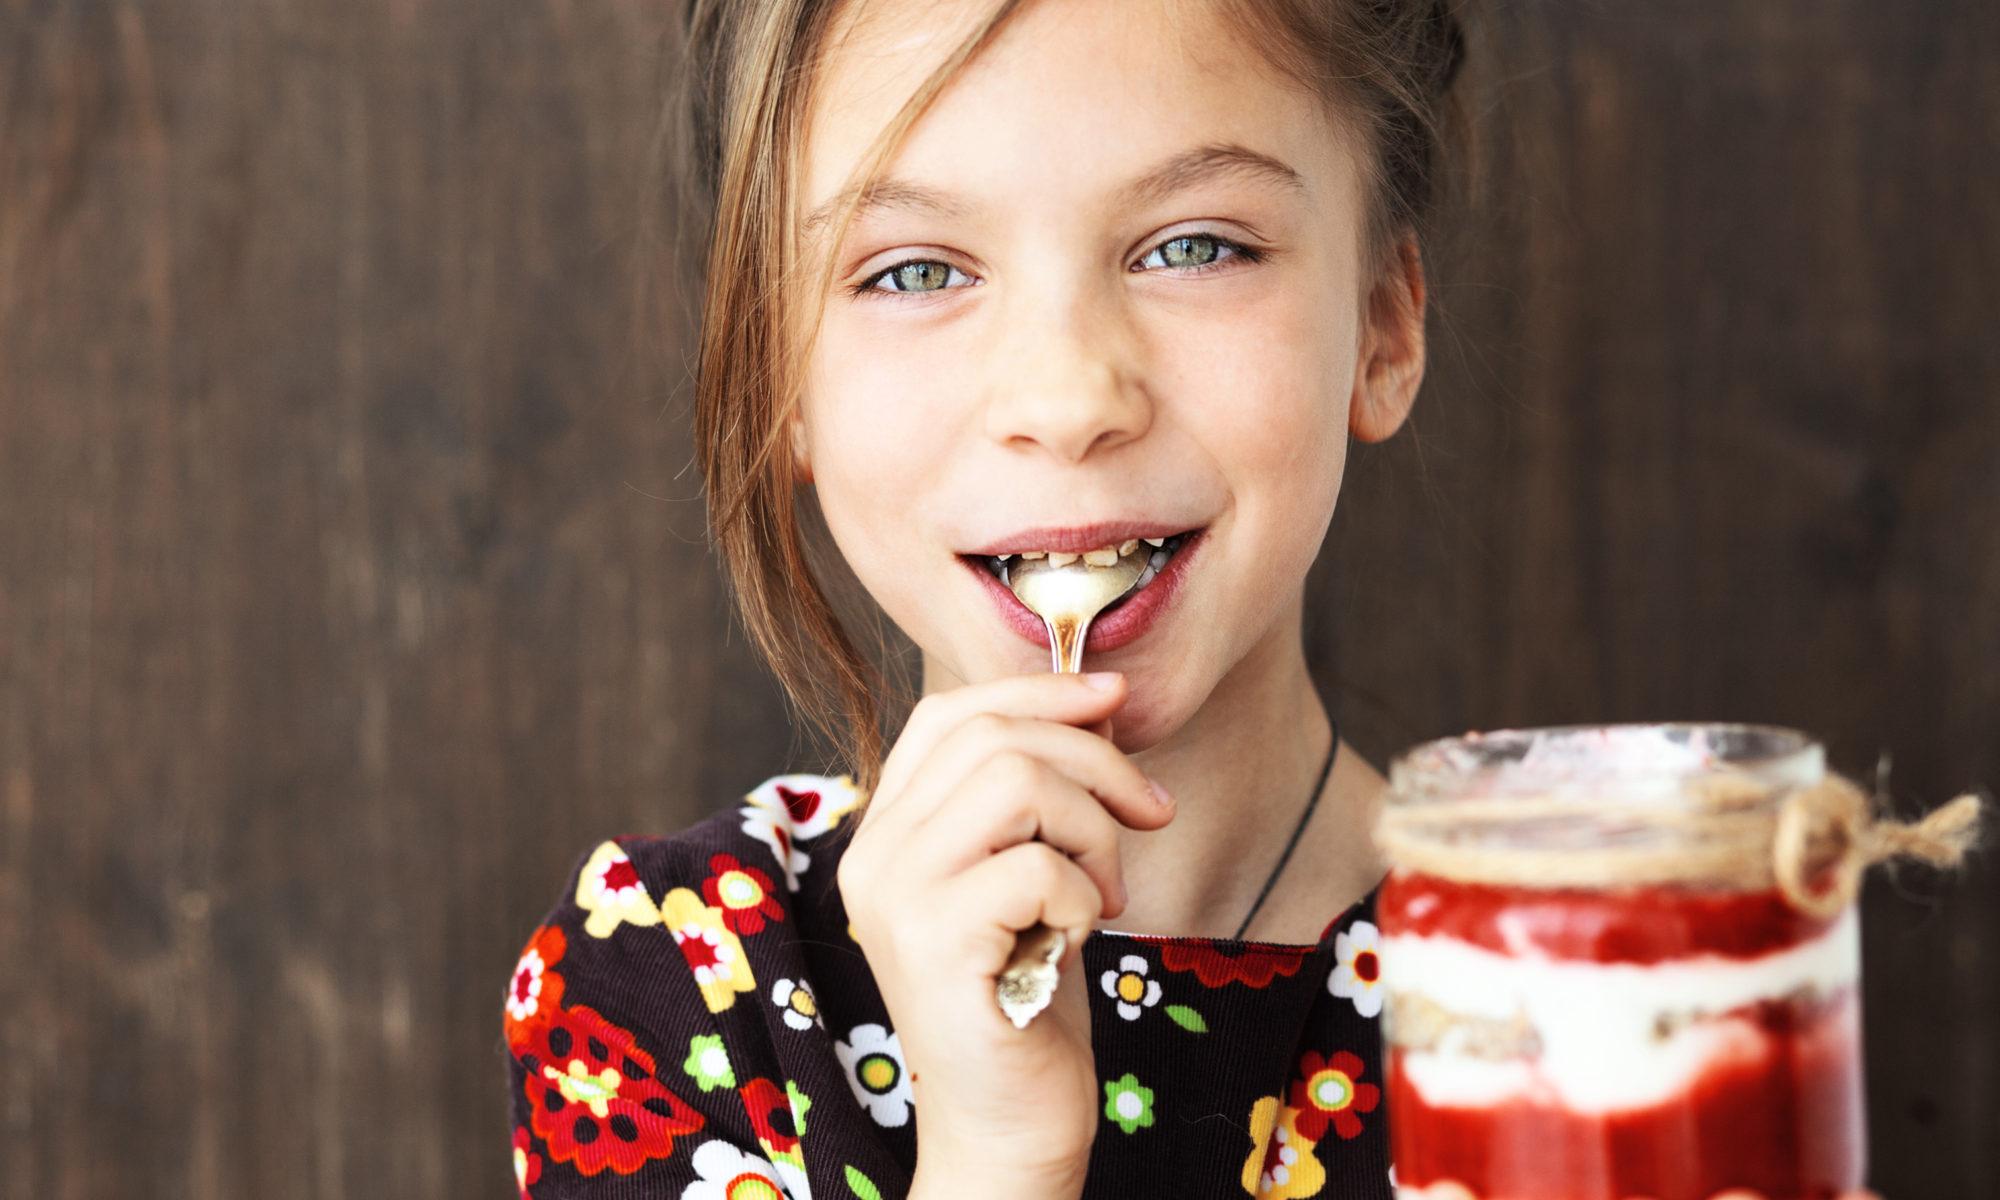 Dziewczynka jedząca zdrowy kolorowy deser